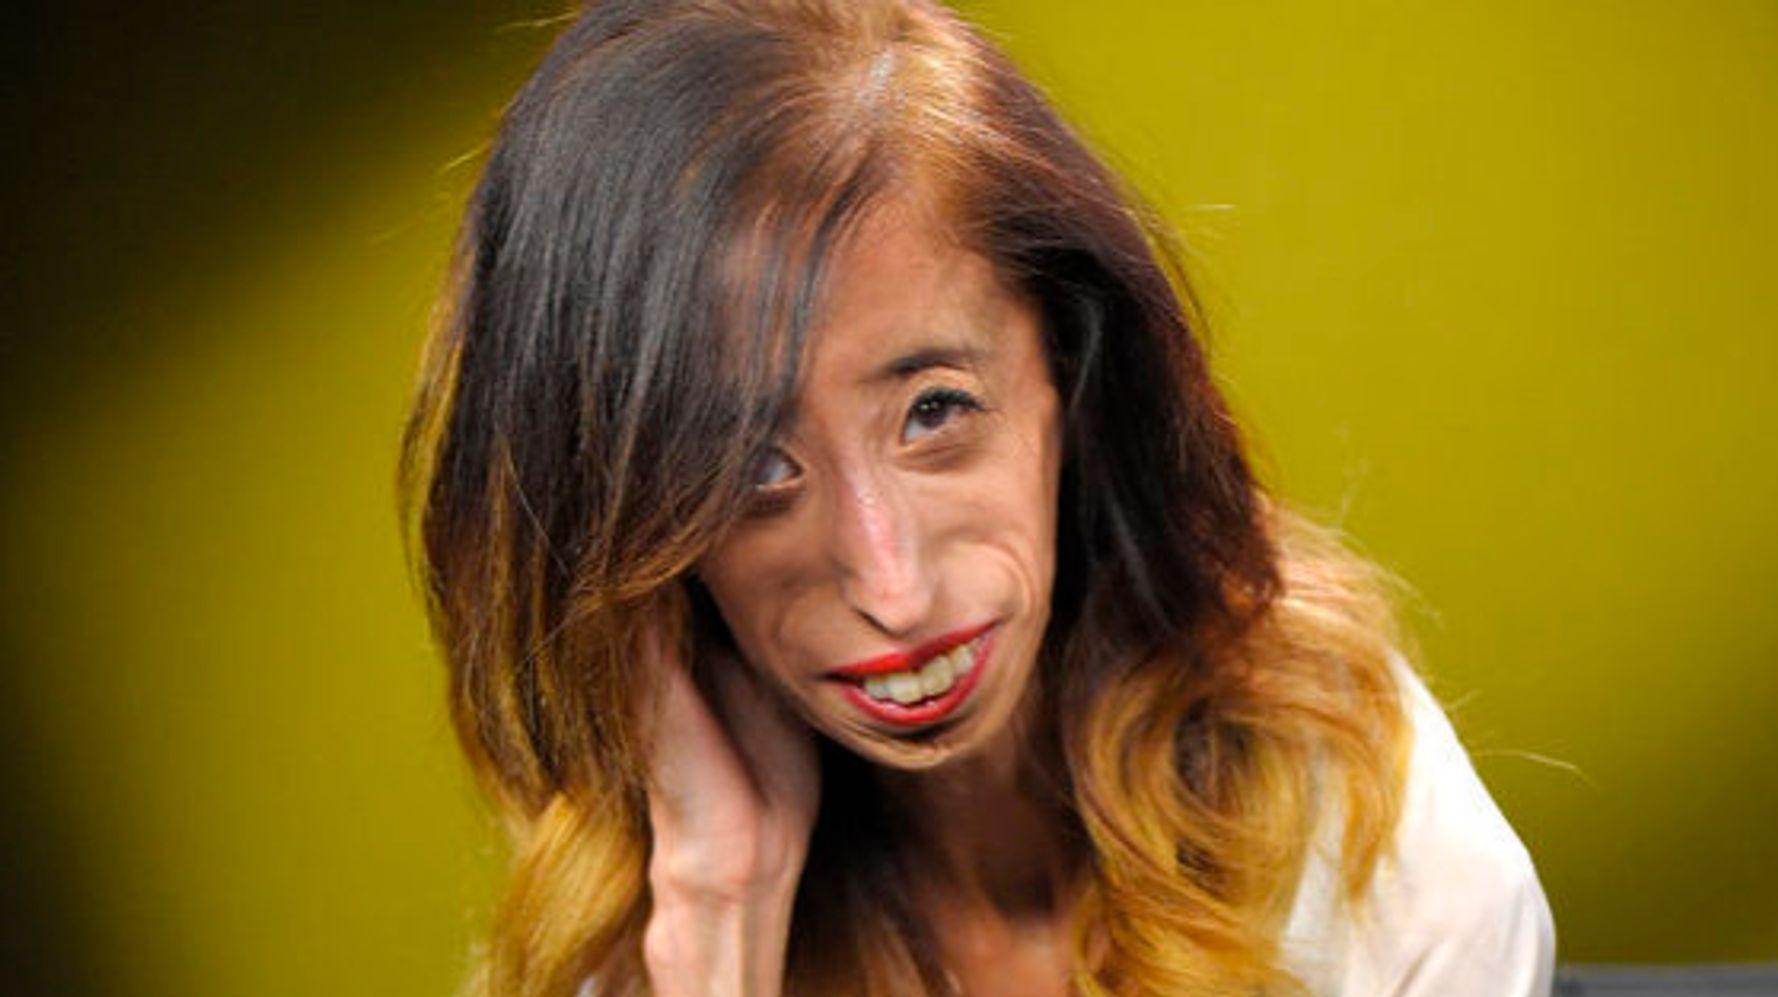 リジー ベラスケス 病気 誰もが、彼女は世界で最も醜い女性だと彼女に言った。しかし、彼女は...